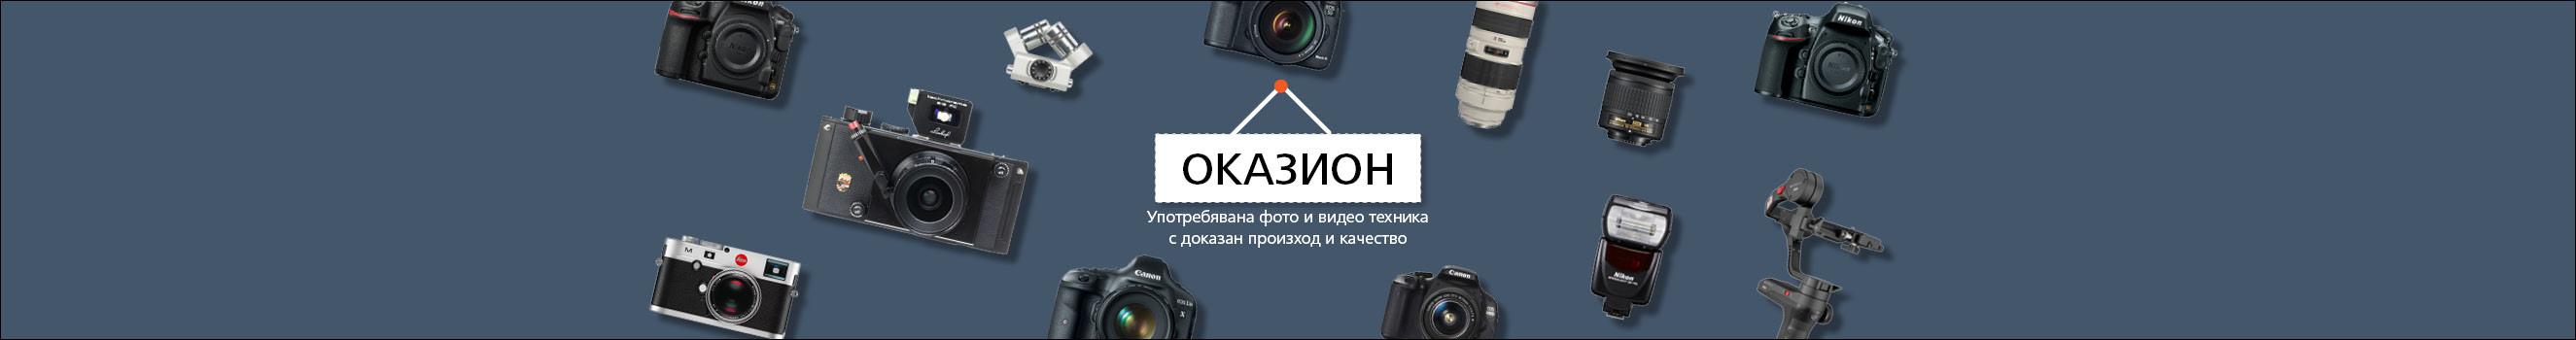 Употребявана фото и видео техника с доказан произход и качество